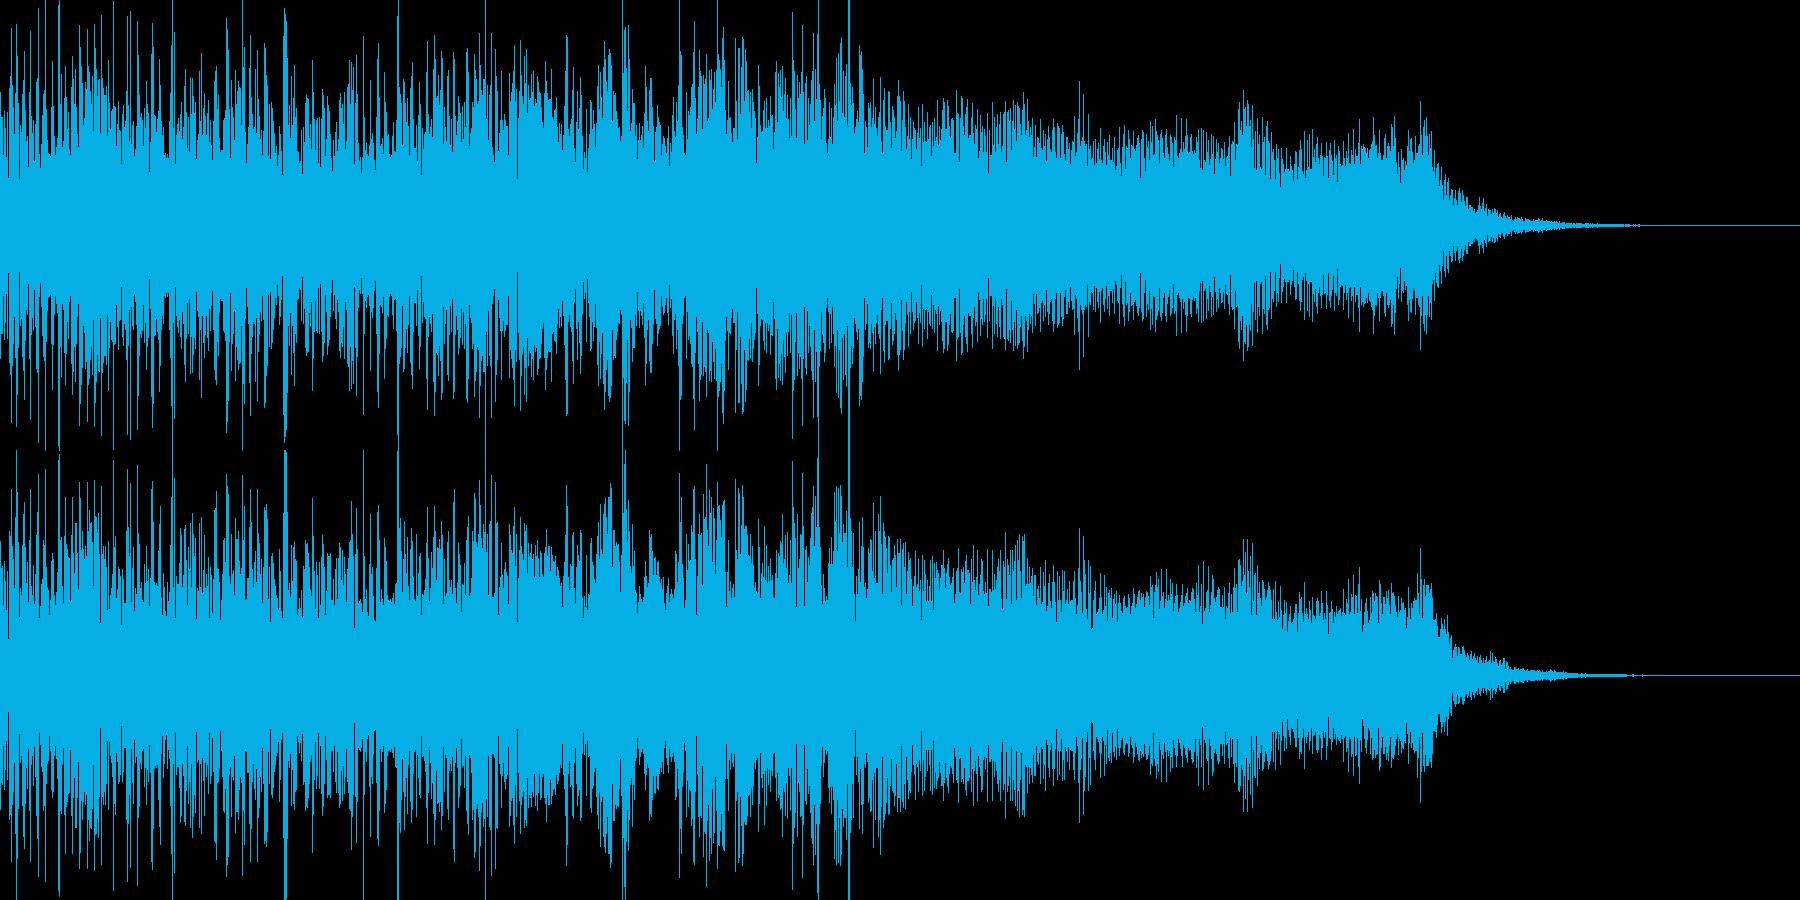 勢いがあり攻撃的なメタルロックの再生済みの波形